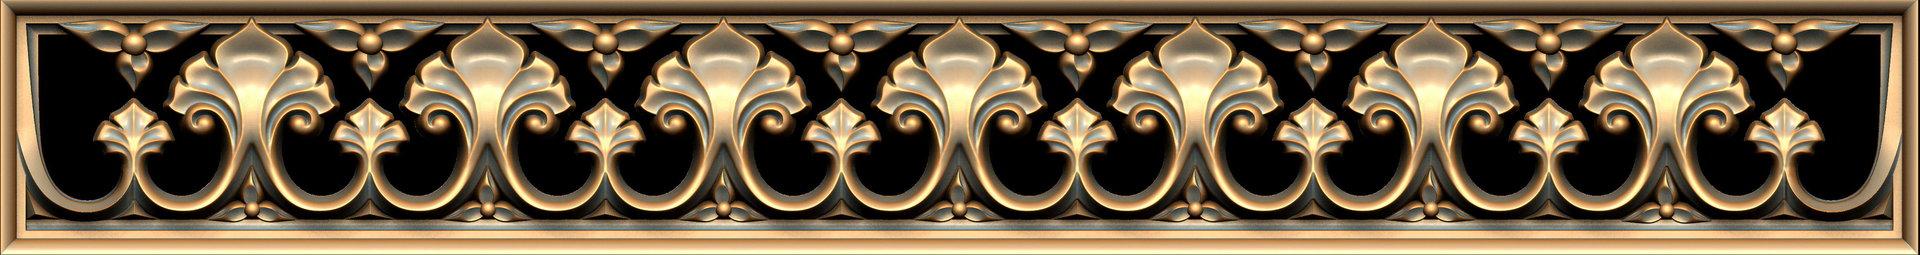 Leonid kishchik 60 gothic ornament 02